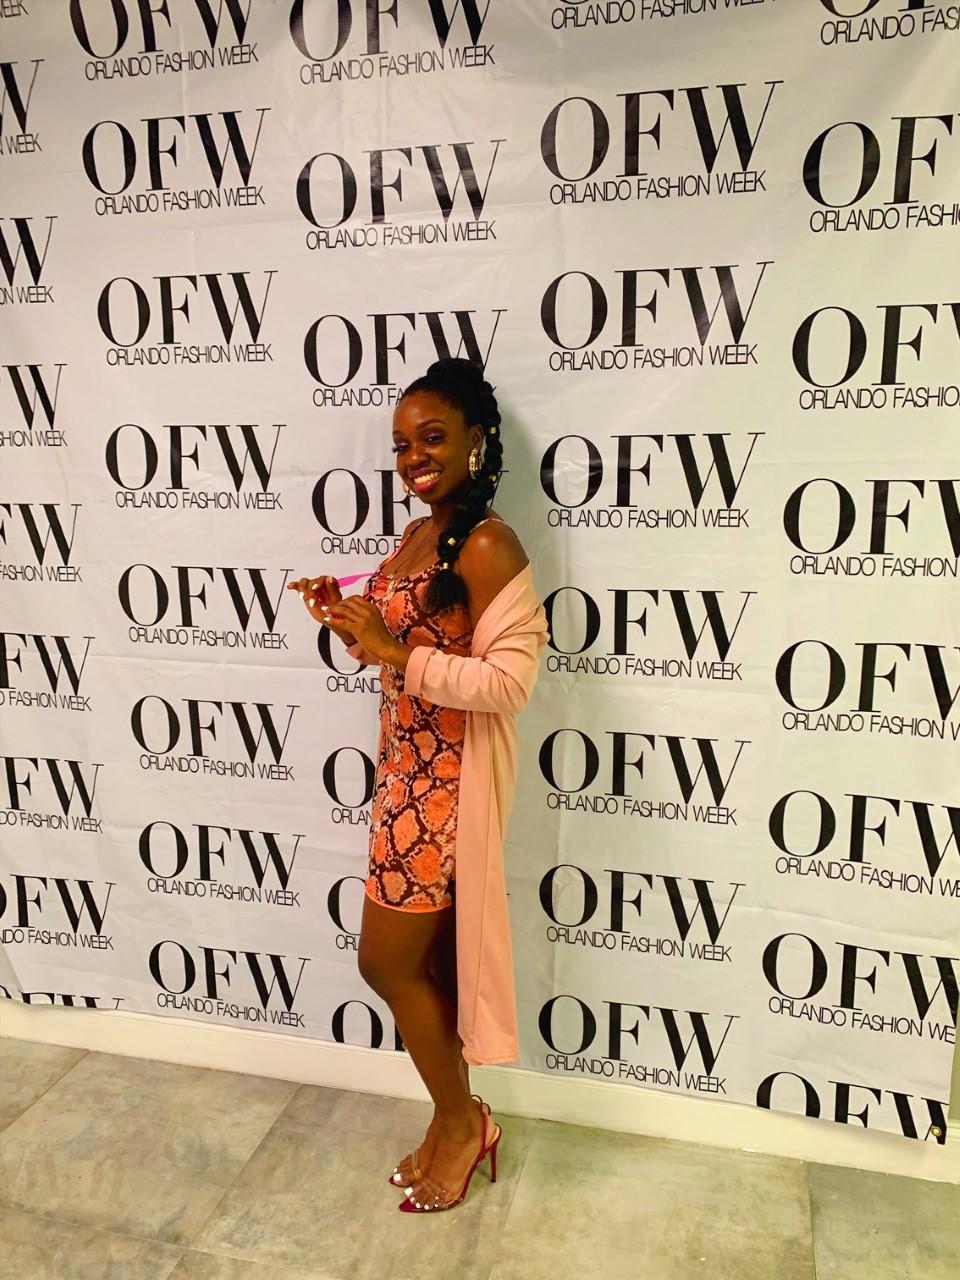 Orlando Fashion Week - By: Christian Mosi